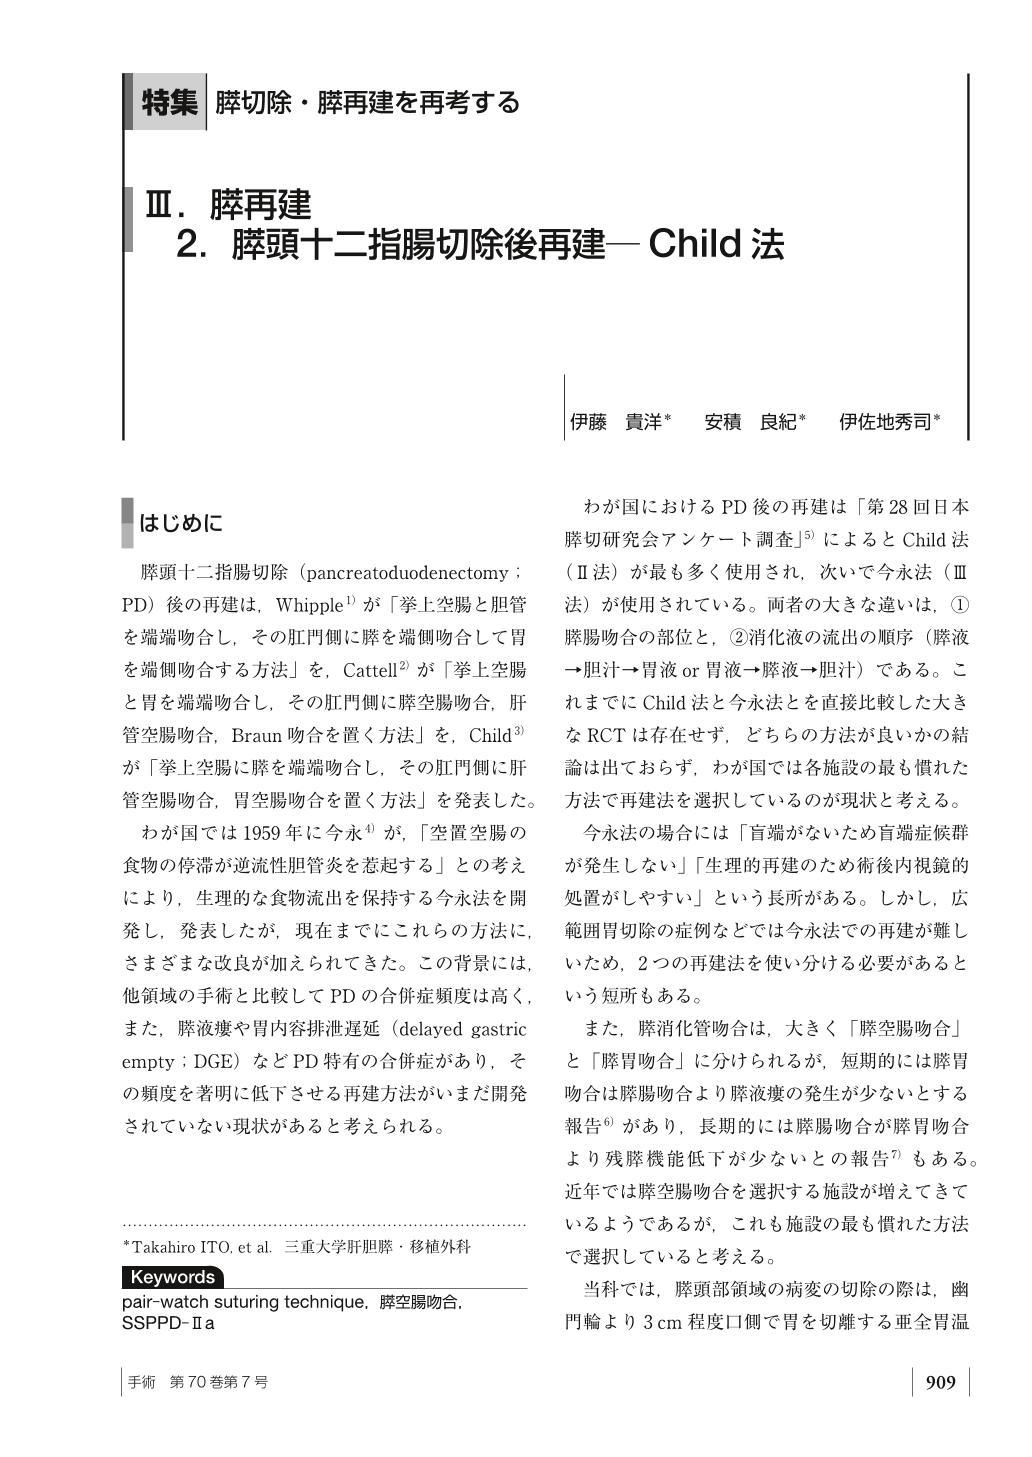 2.膵頭十二指腸切除後再建 Child法 (手術 70巻7号) | 医書.jp